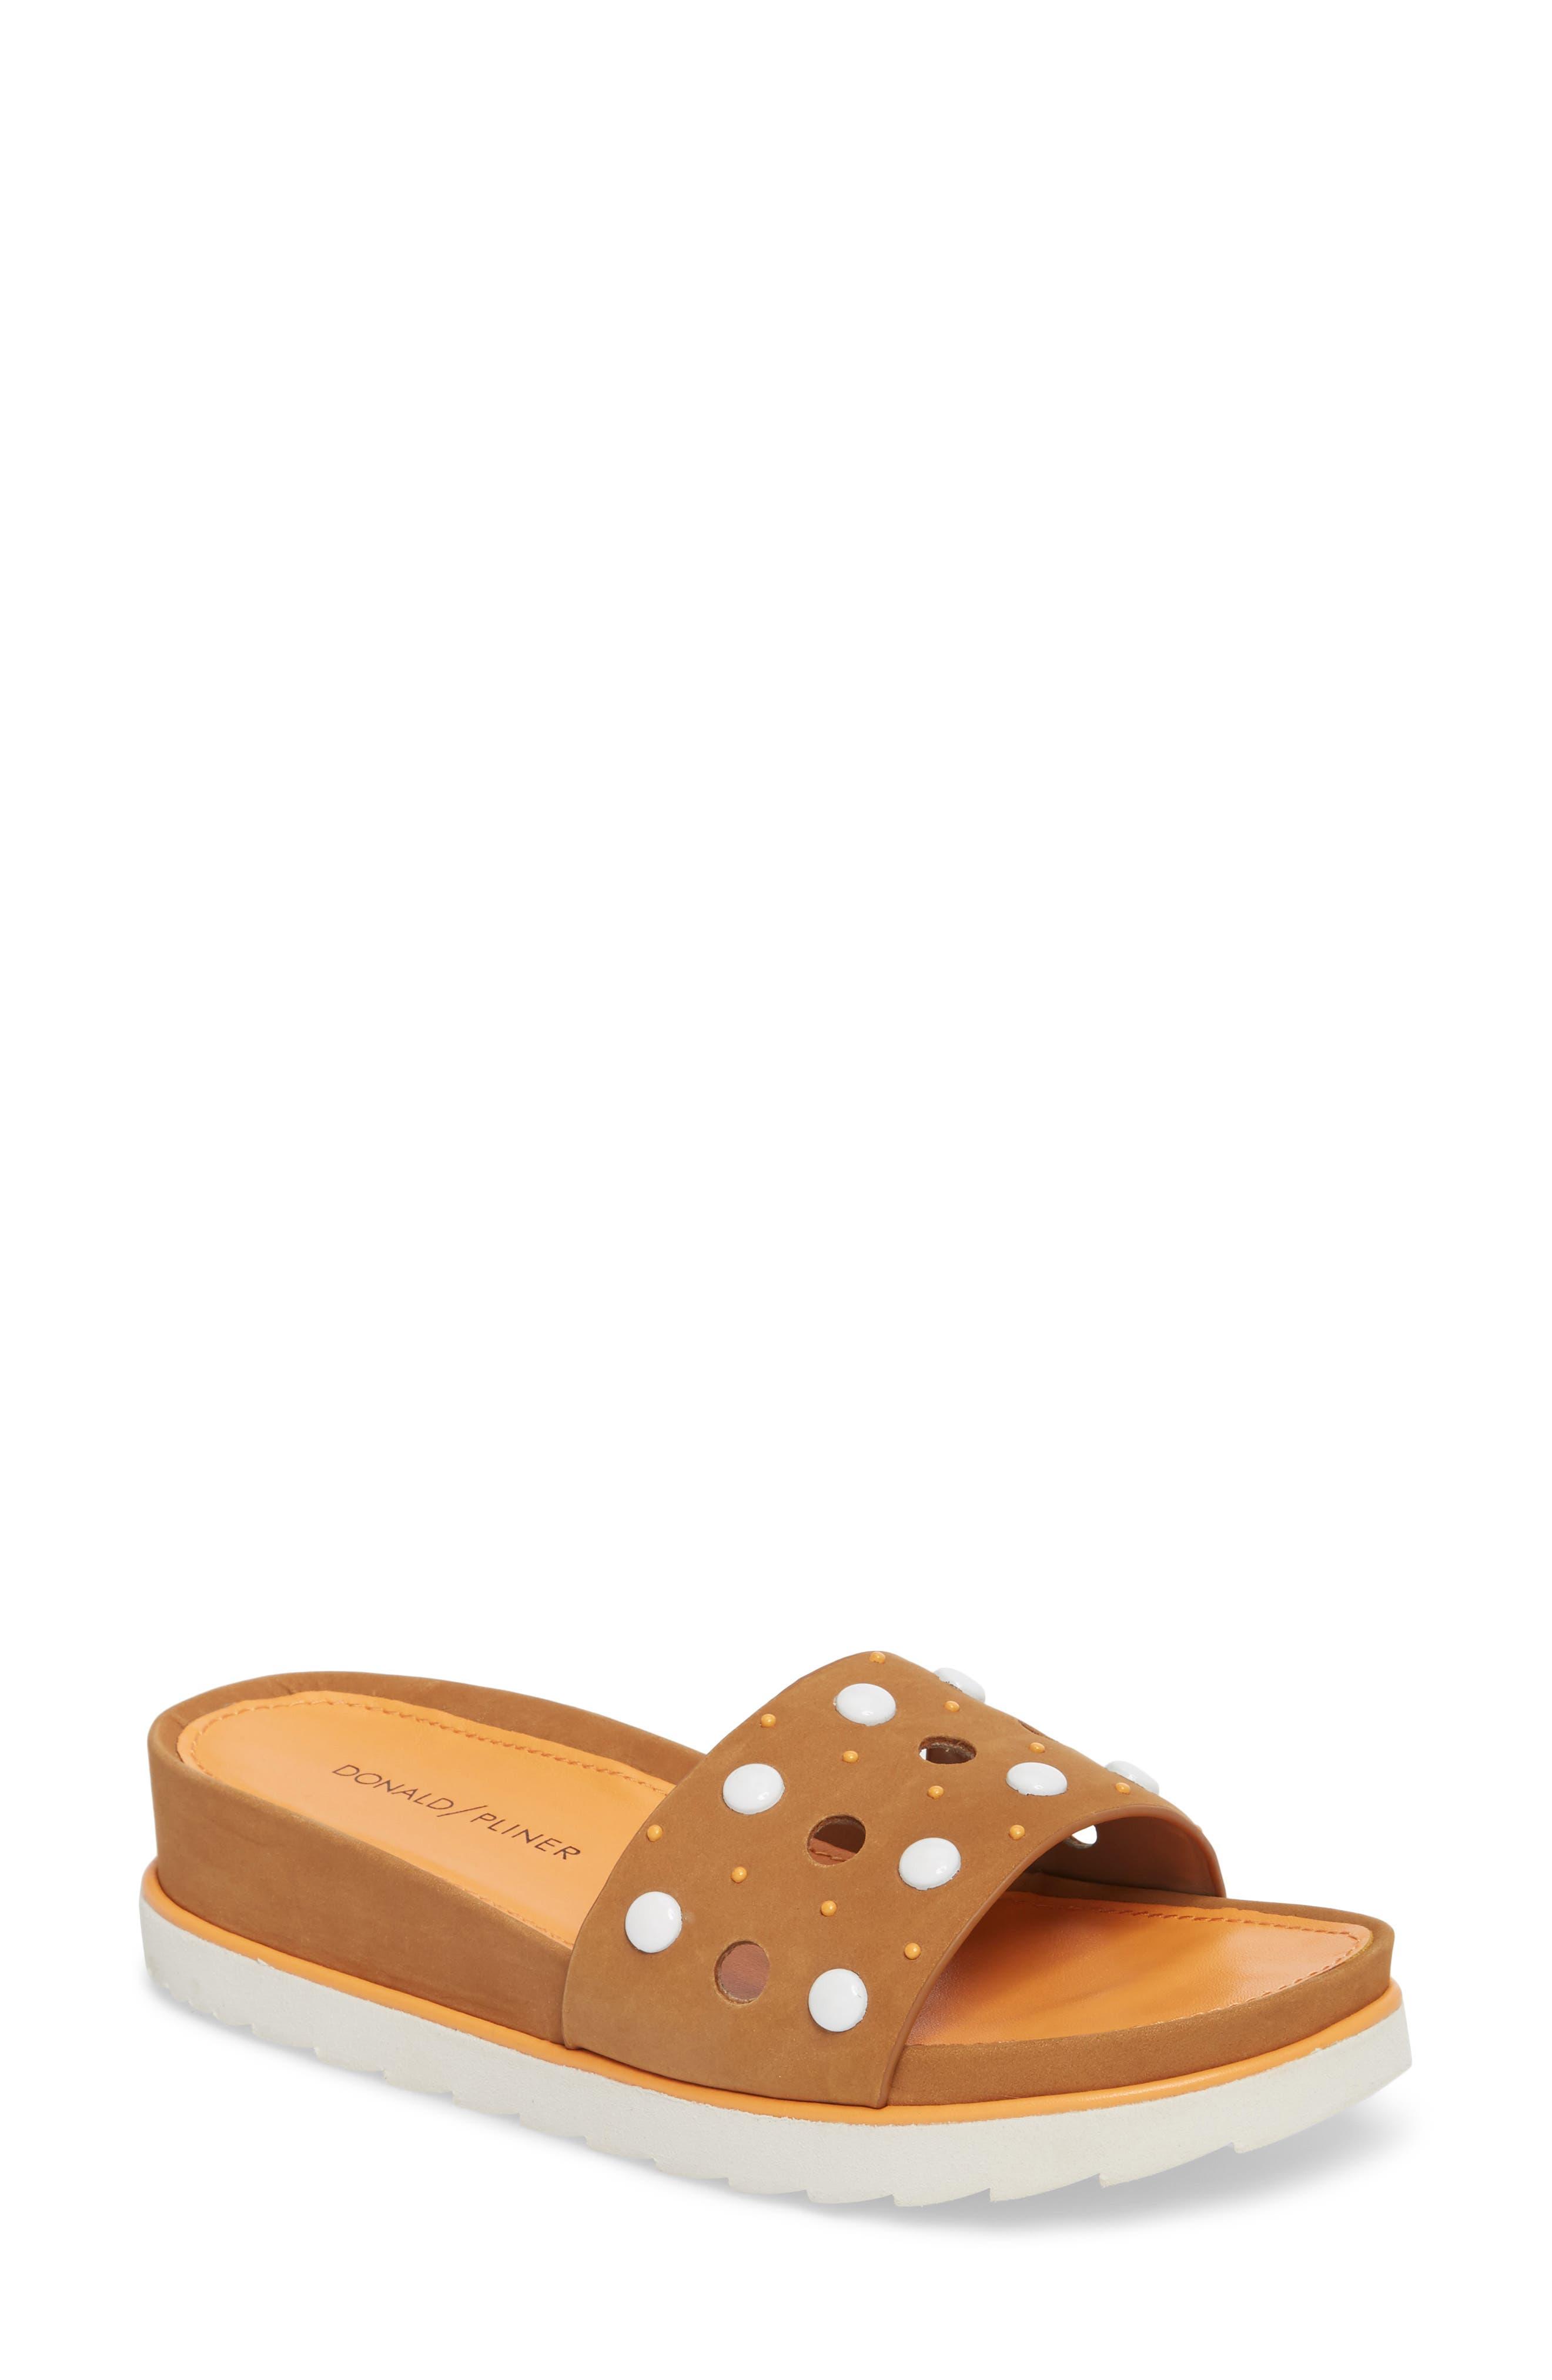 Cava Slide Sandal,                             Main thumbnail 7, color,